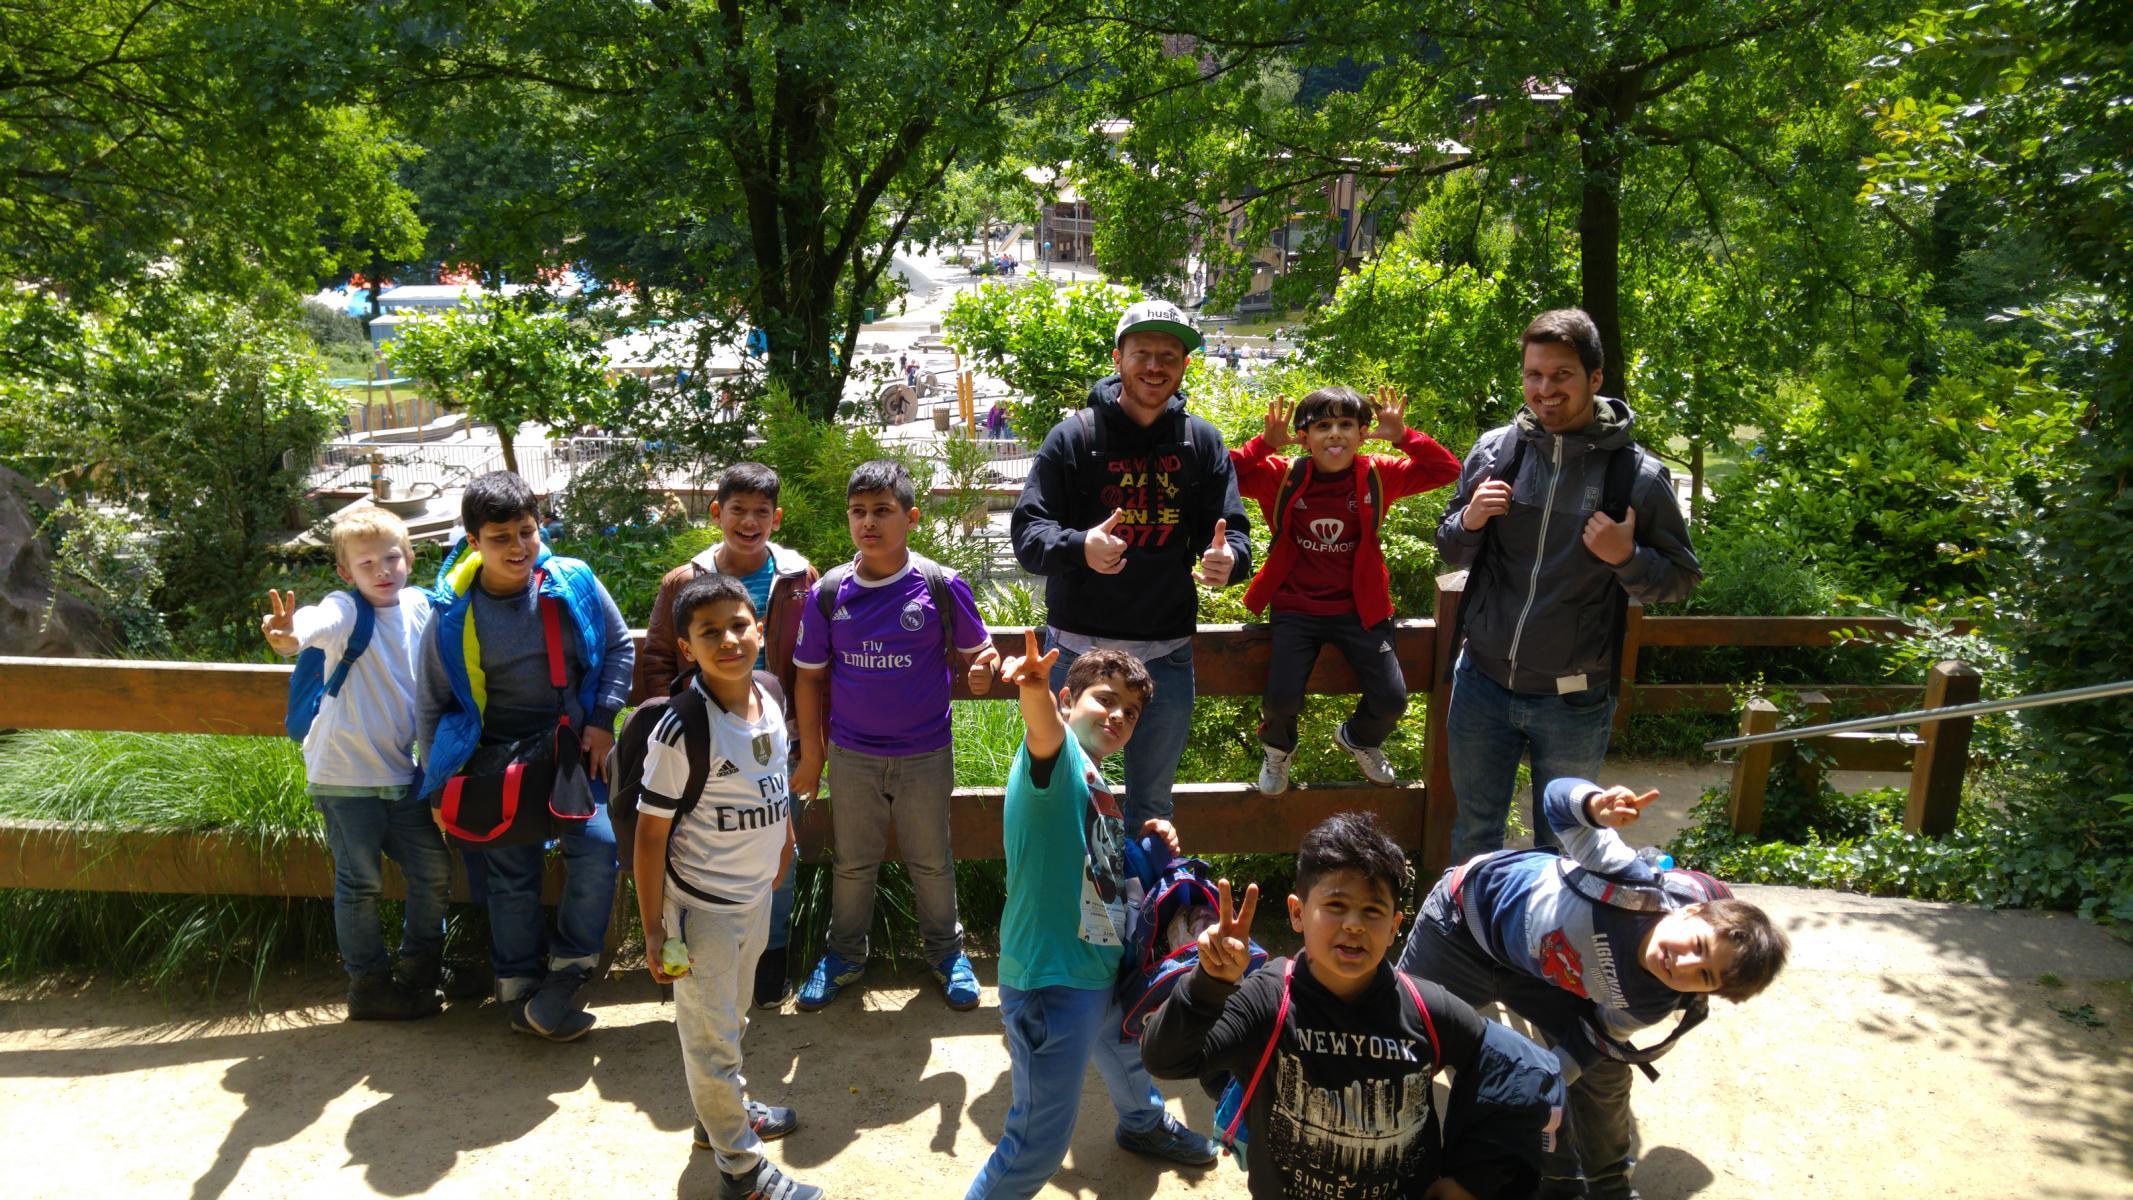 Leo-Club Wuppertal fährt mit 50 Kindern zum Ketteler Hof